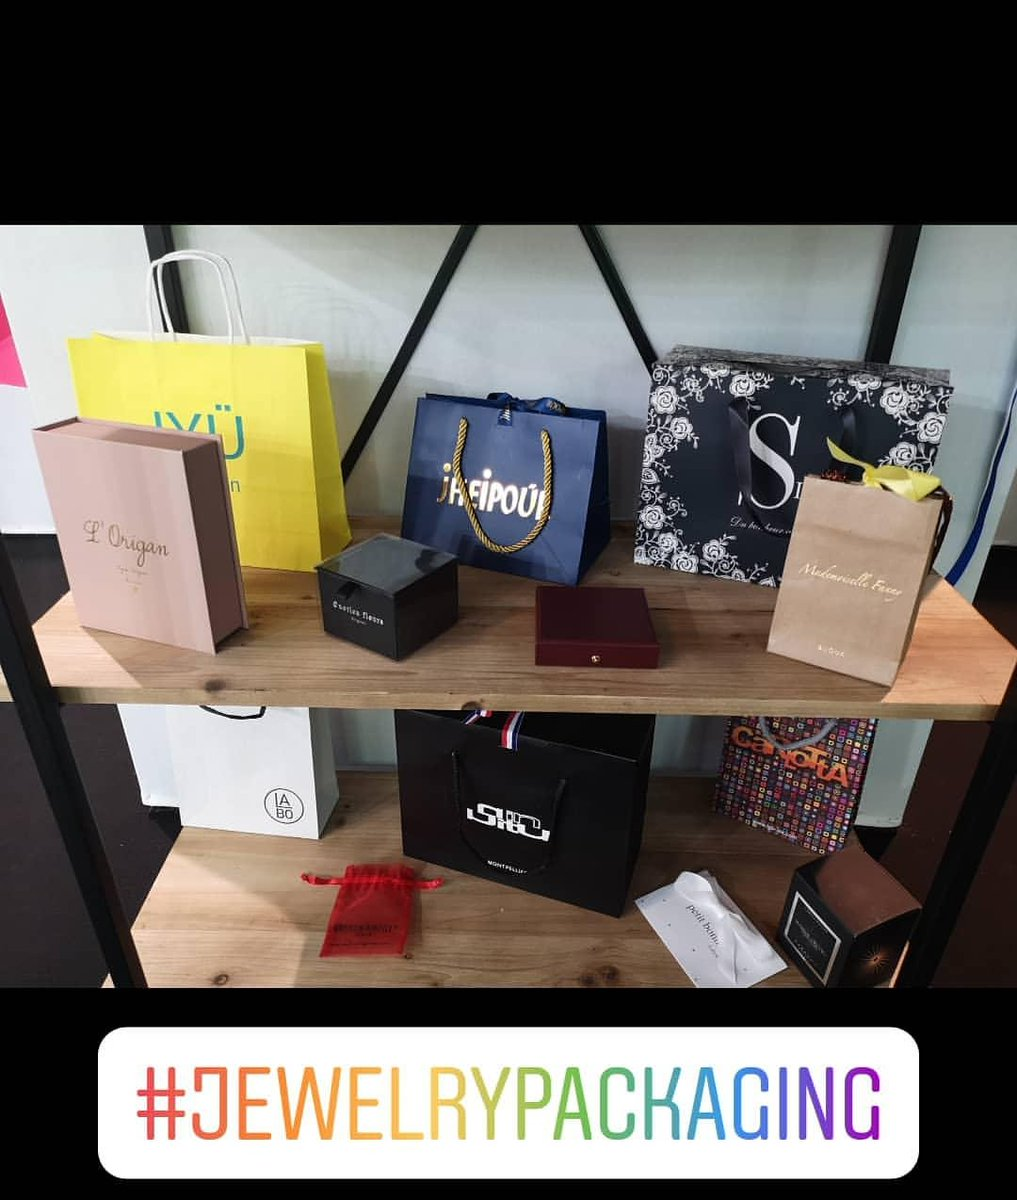 Nous serons présents à la prochaine session du salon @bijorhca en Septembre 2020 où nous aurons le plaisir de vous présenter nos nouveautés 😉 💍💎 #jewelrypackaging #jewellery #packagingdesign #pakemballages